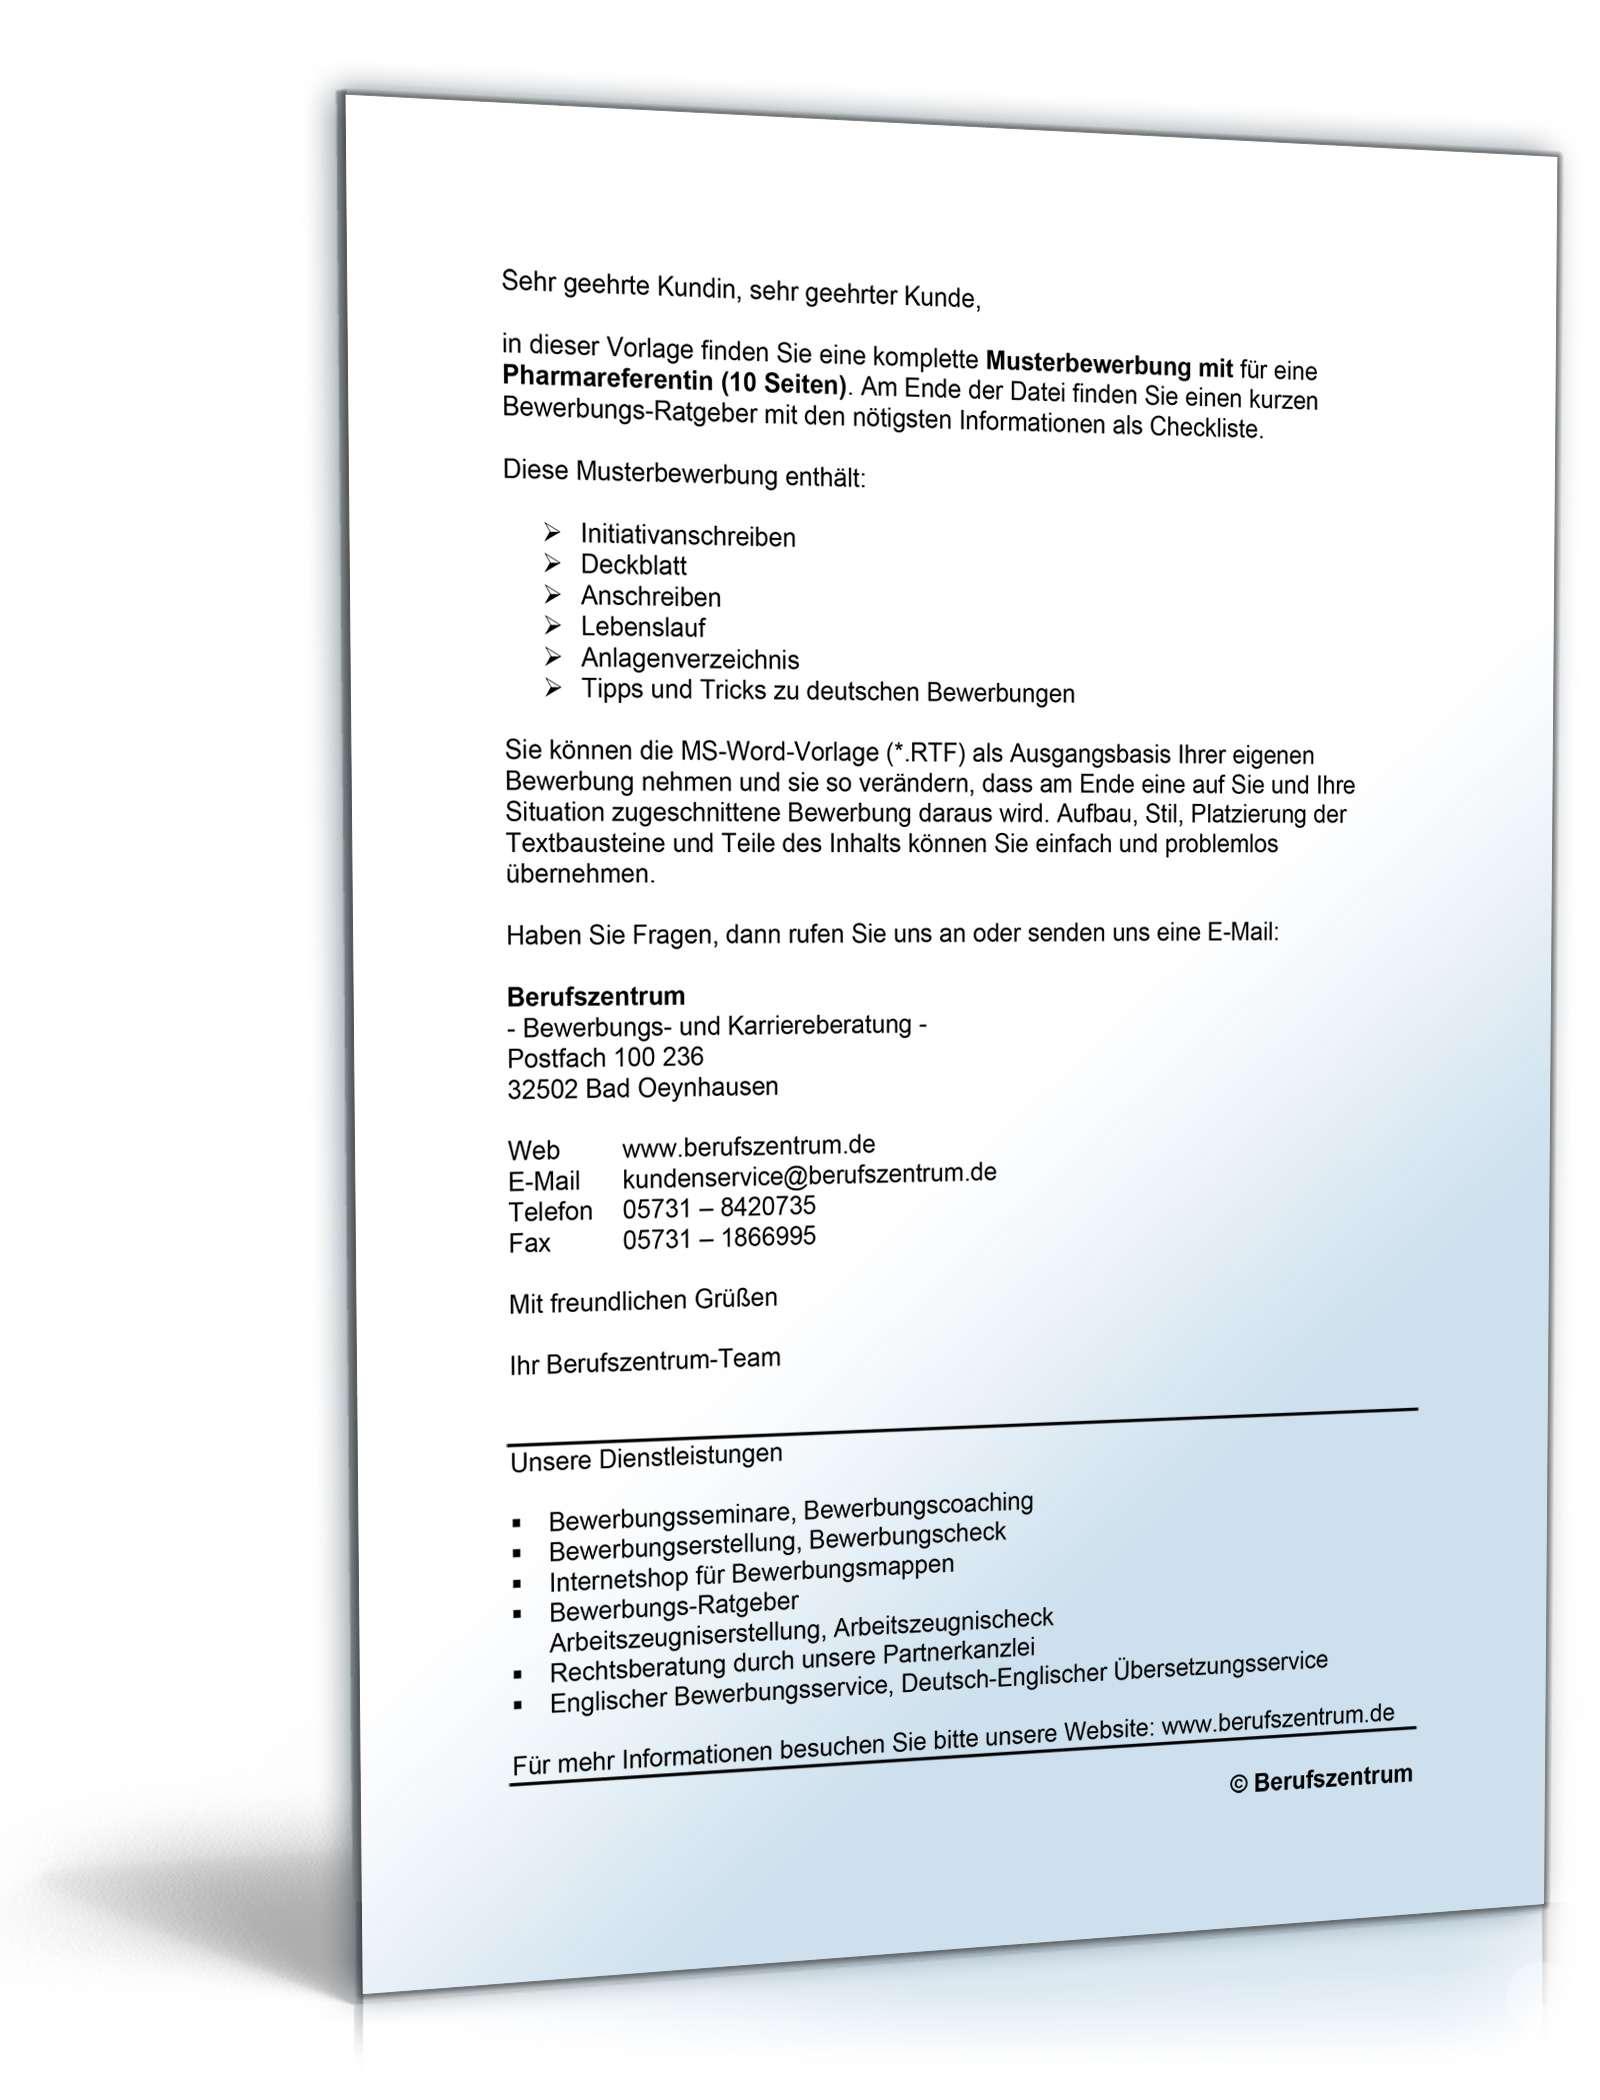 Erfreut Boeing Jobs Setzen Schlüsselwörter Fort Bilder - Beispiel ...